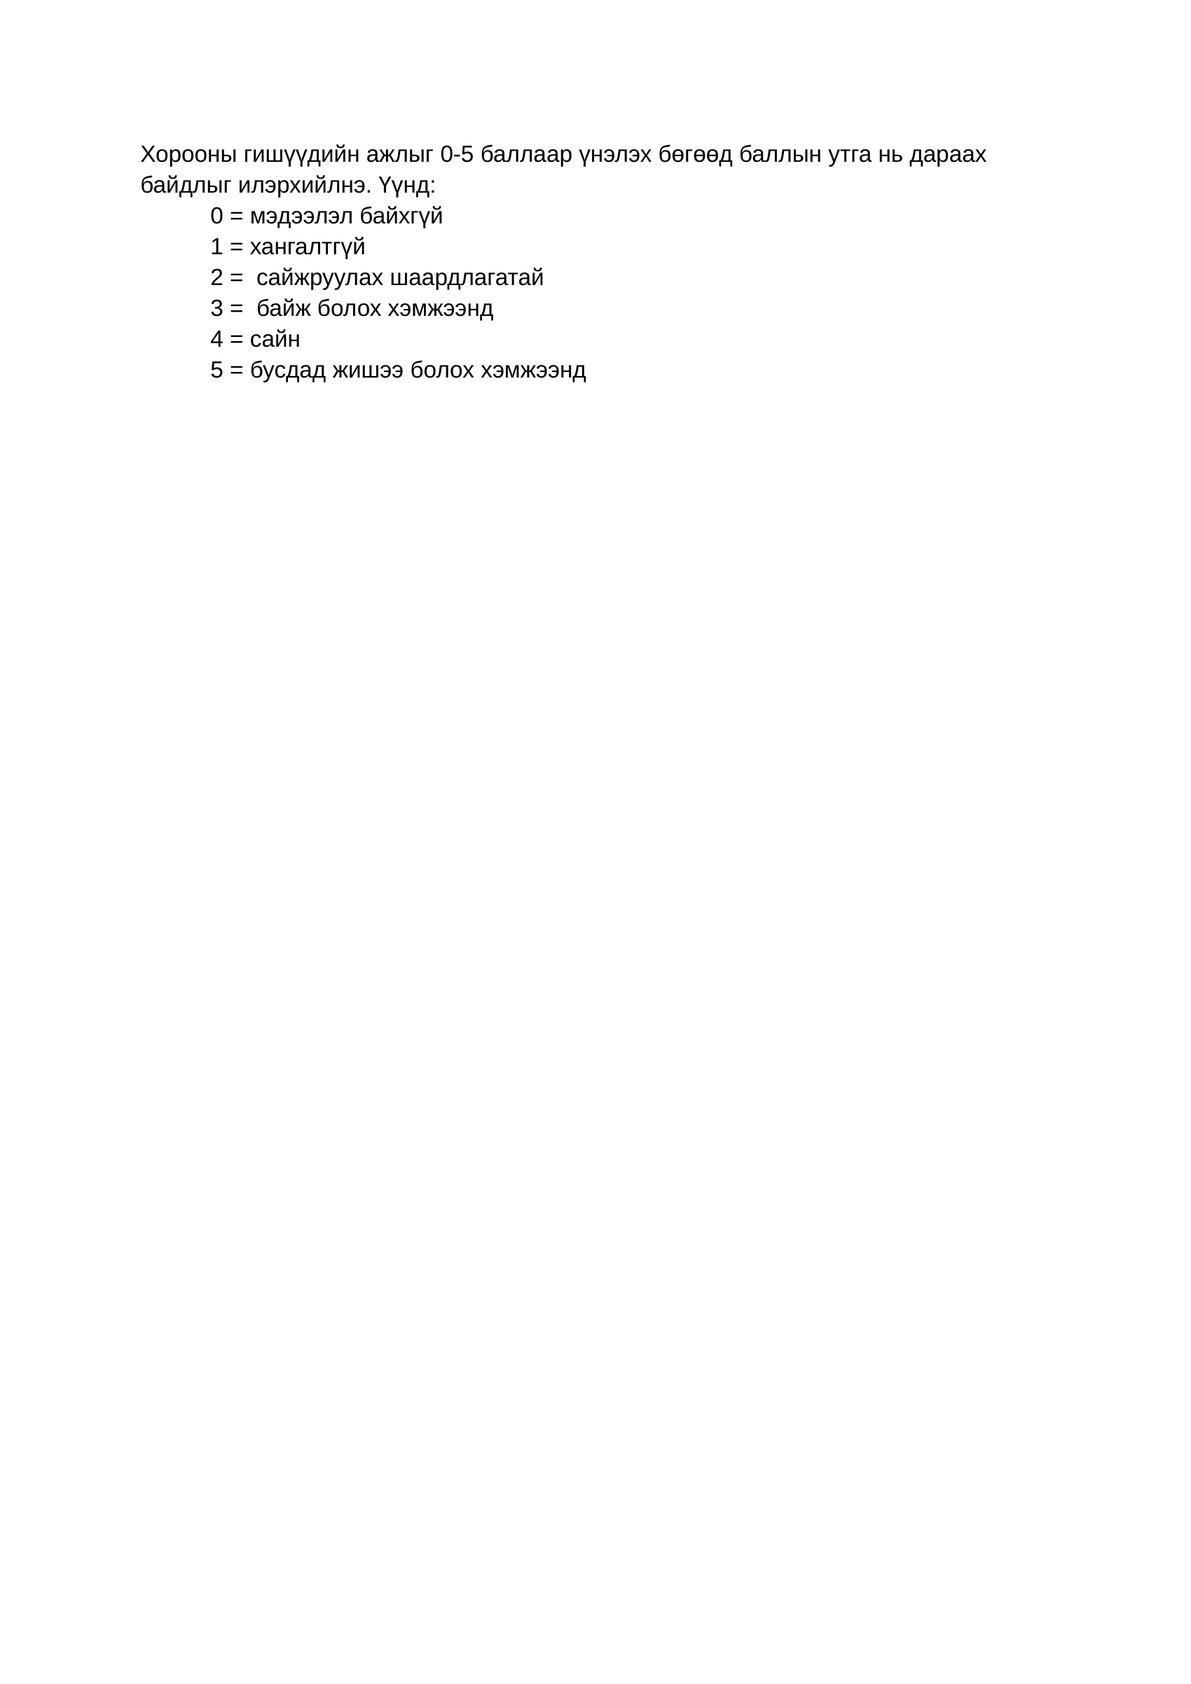 ТУЗ-ийн Нэр дэвшүүлэх хорооны ажиллах журам-7